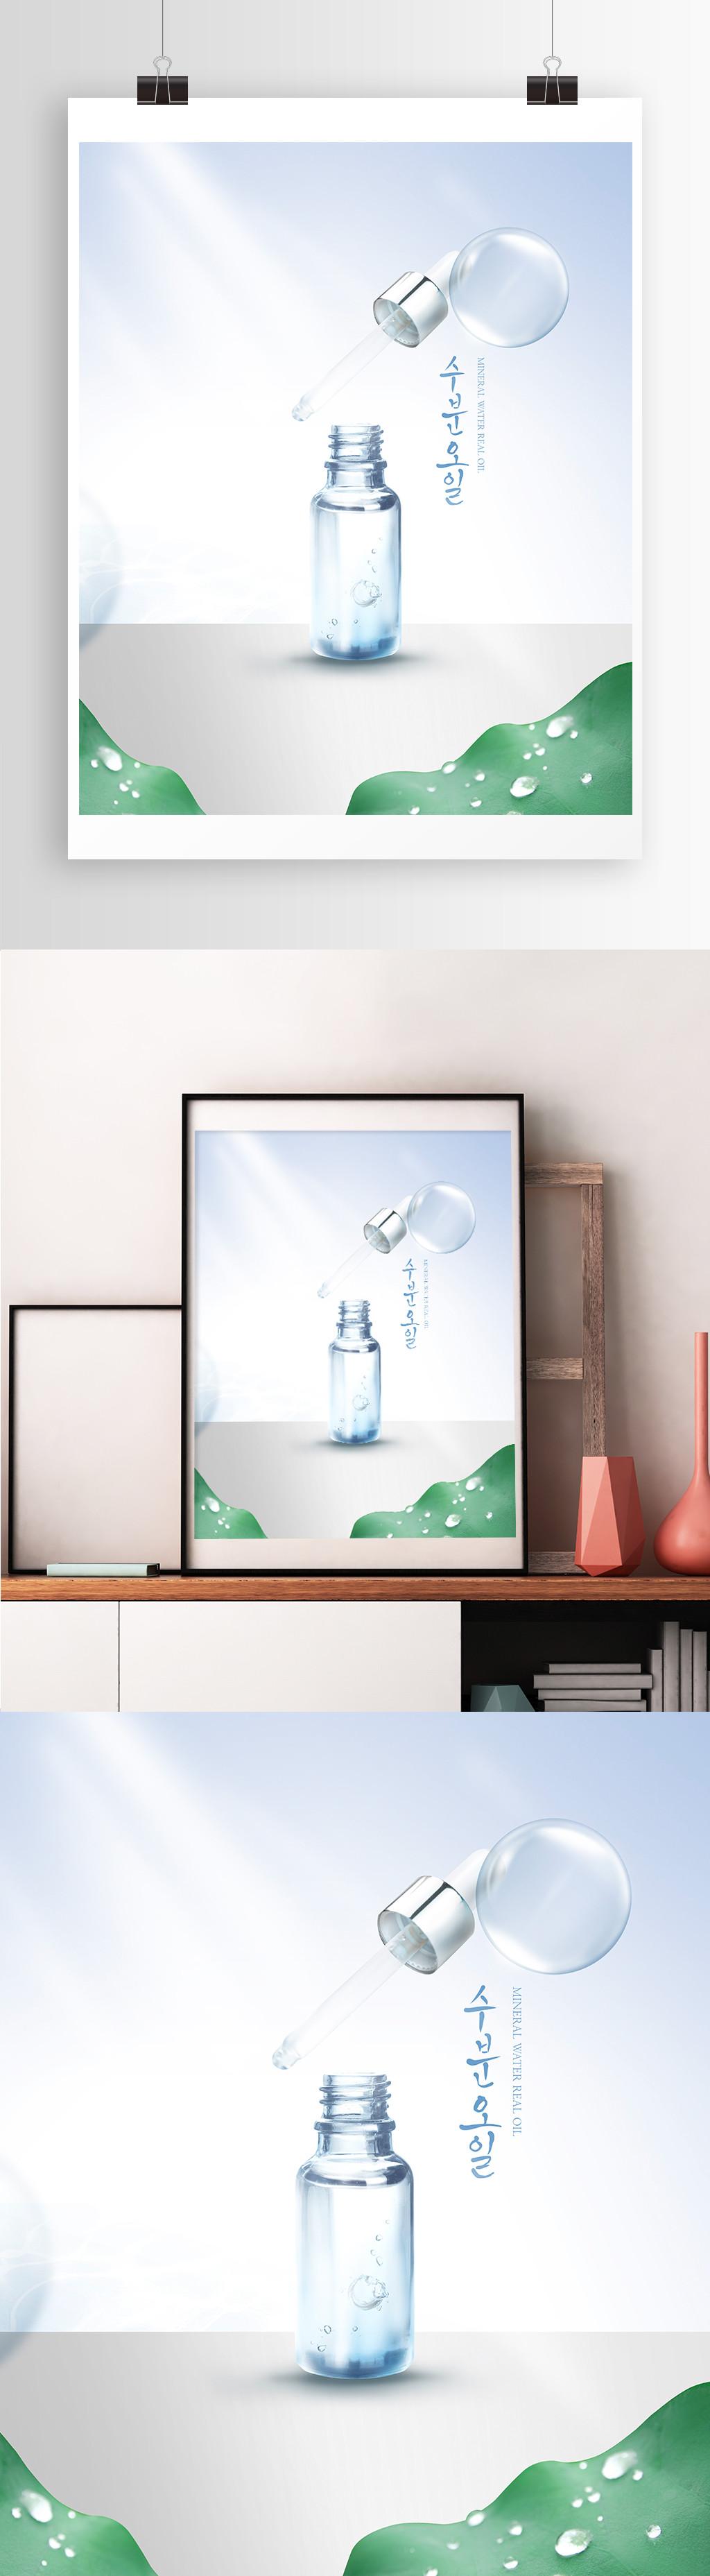 蓝色清新精华肌底液化妆品促销宣传海报